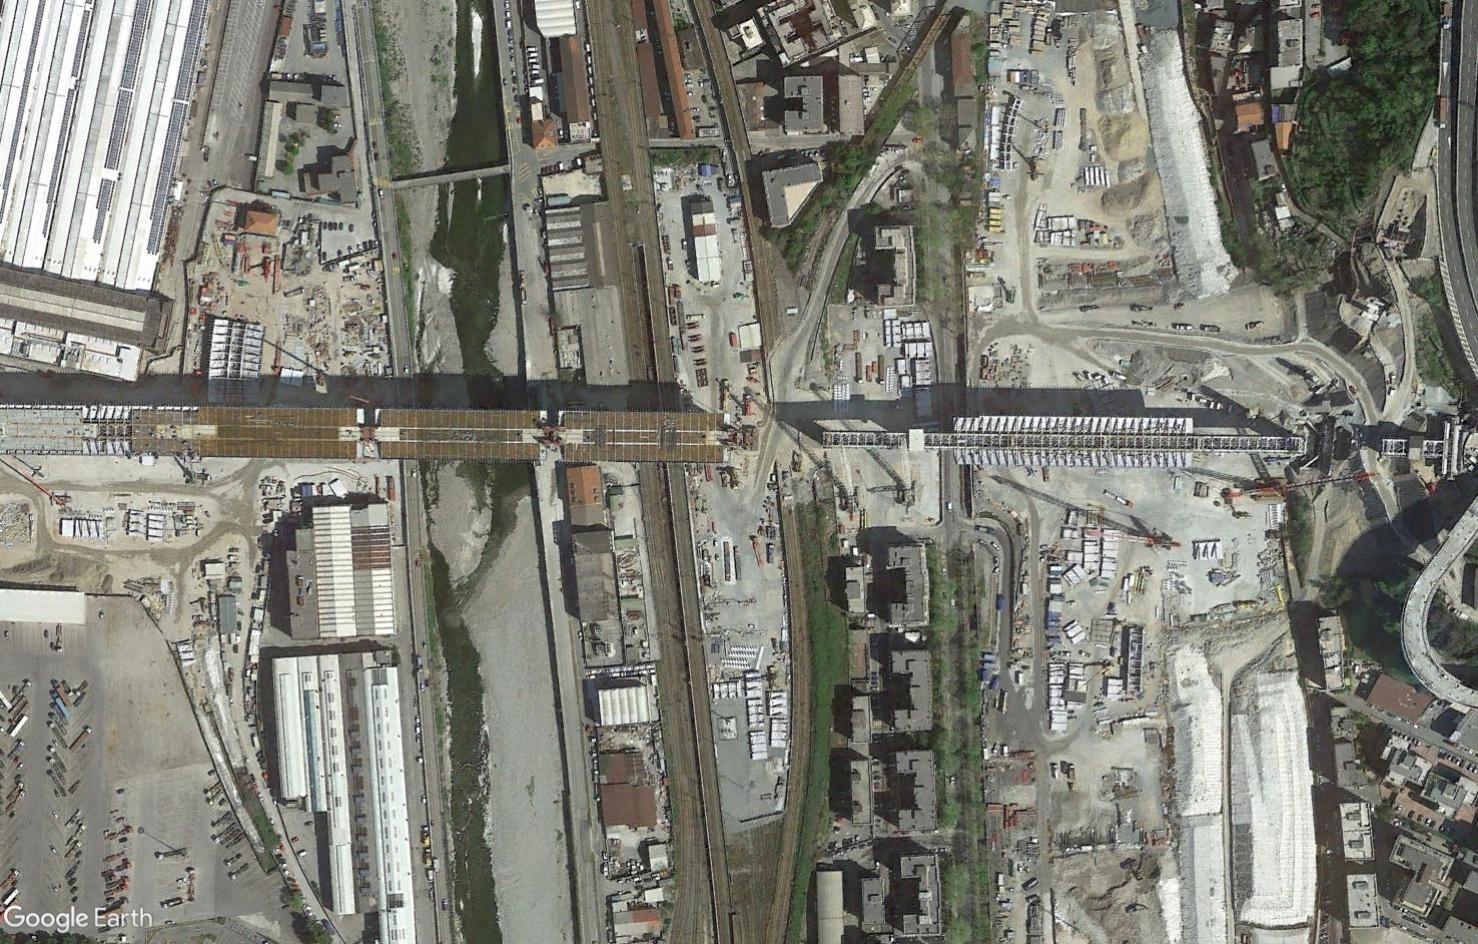 [Bientôt visible sur Google Earth] - Le pont Morandi, Gênes Tsge2352